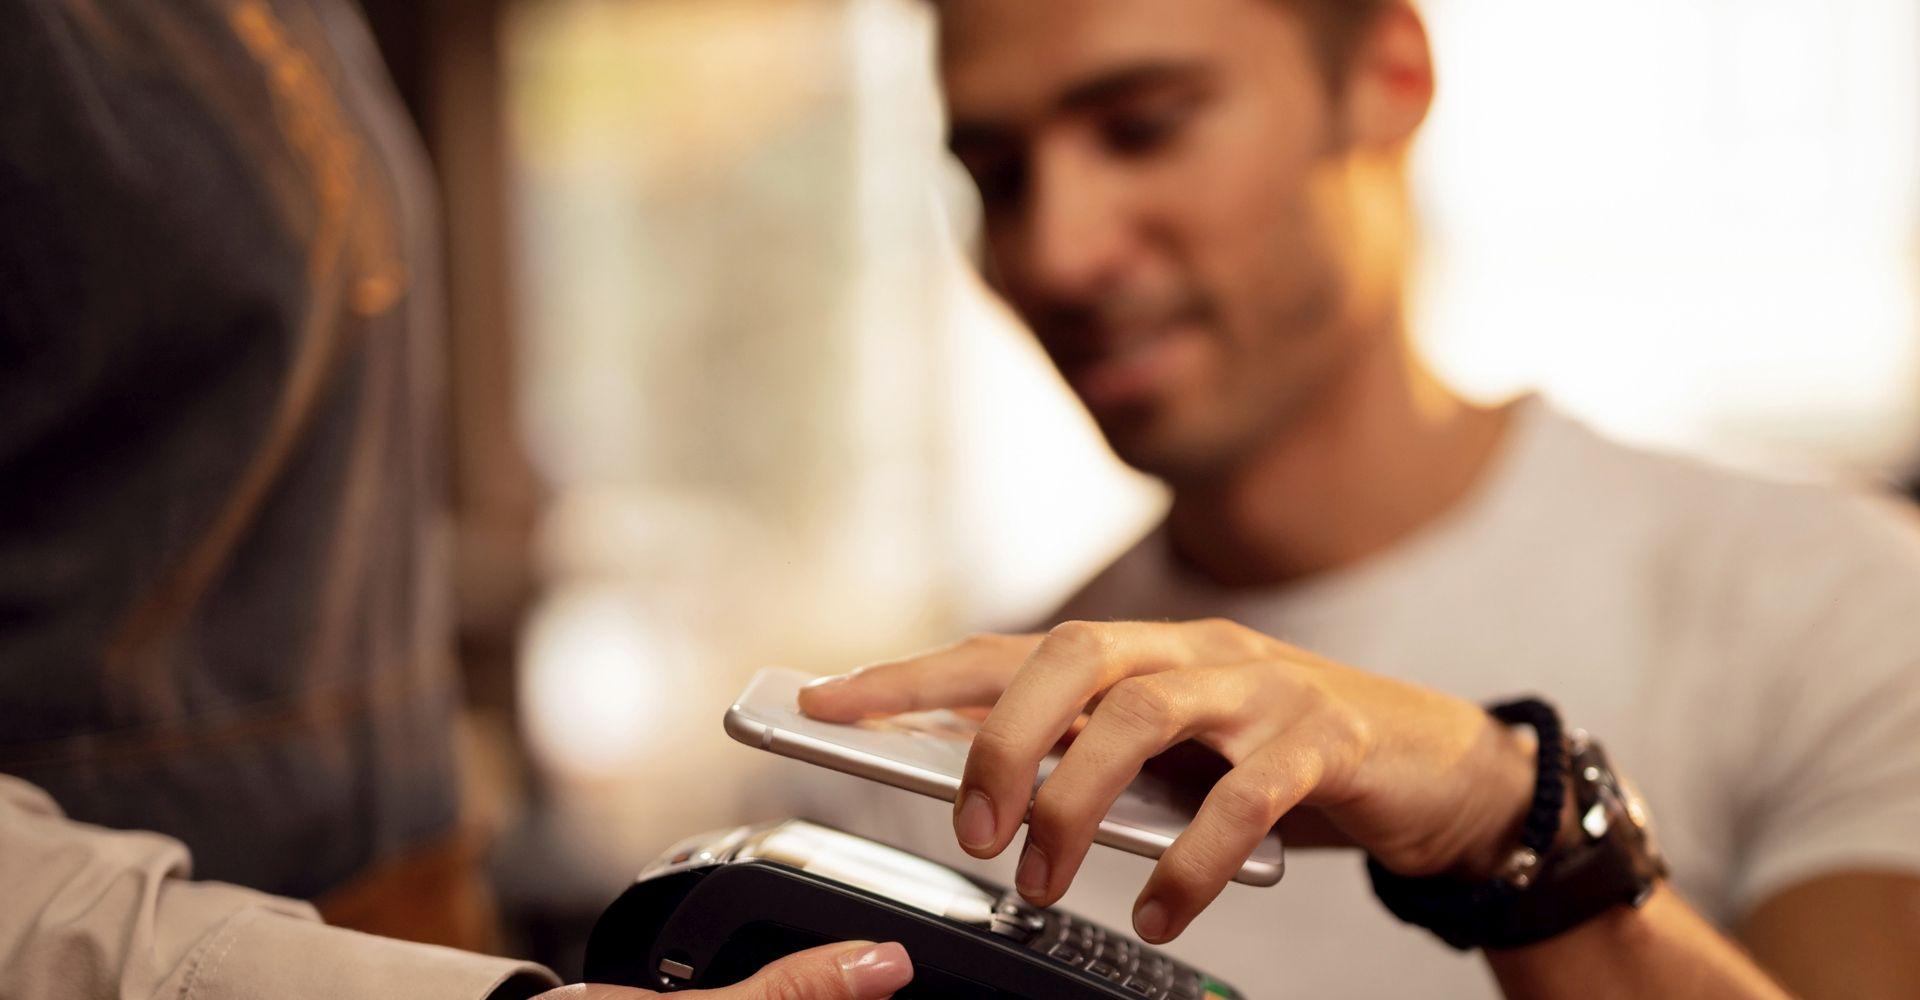 Mann bezahlt kontaktlos mit Smartphone.